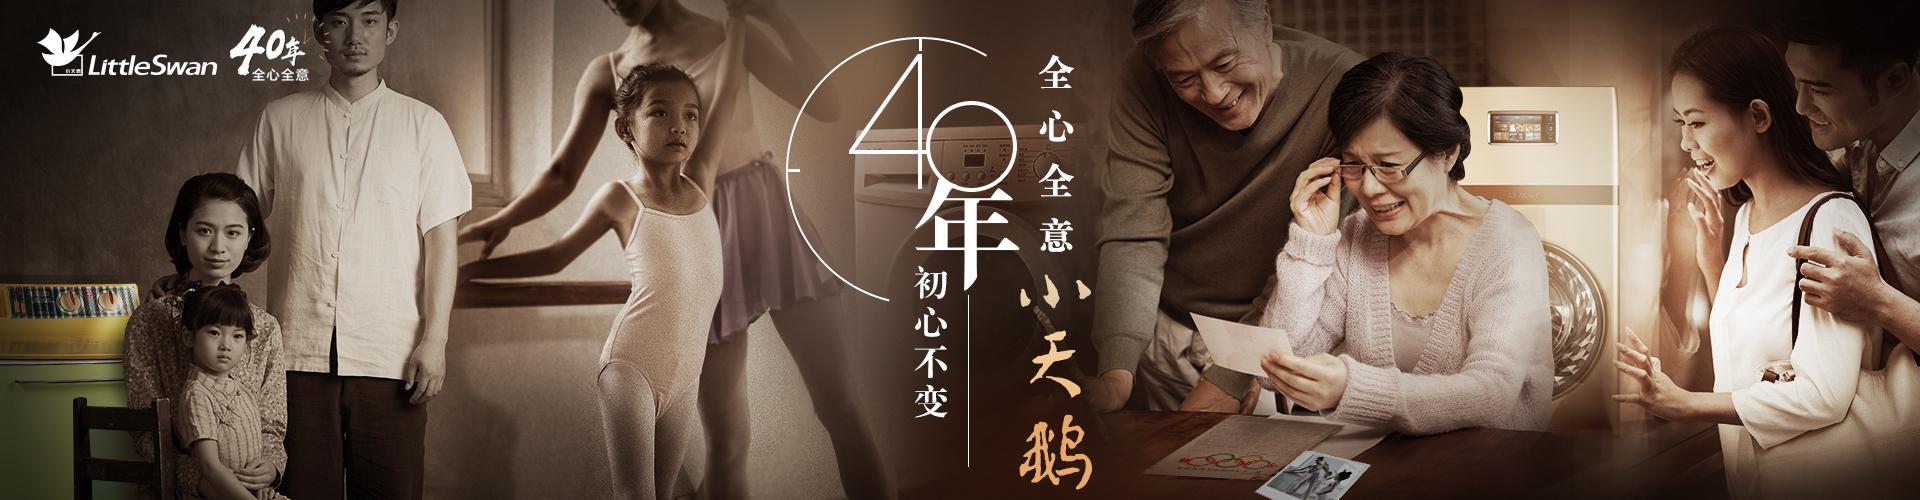 小天鹅40周年活动